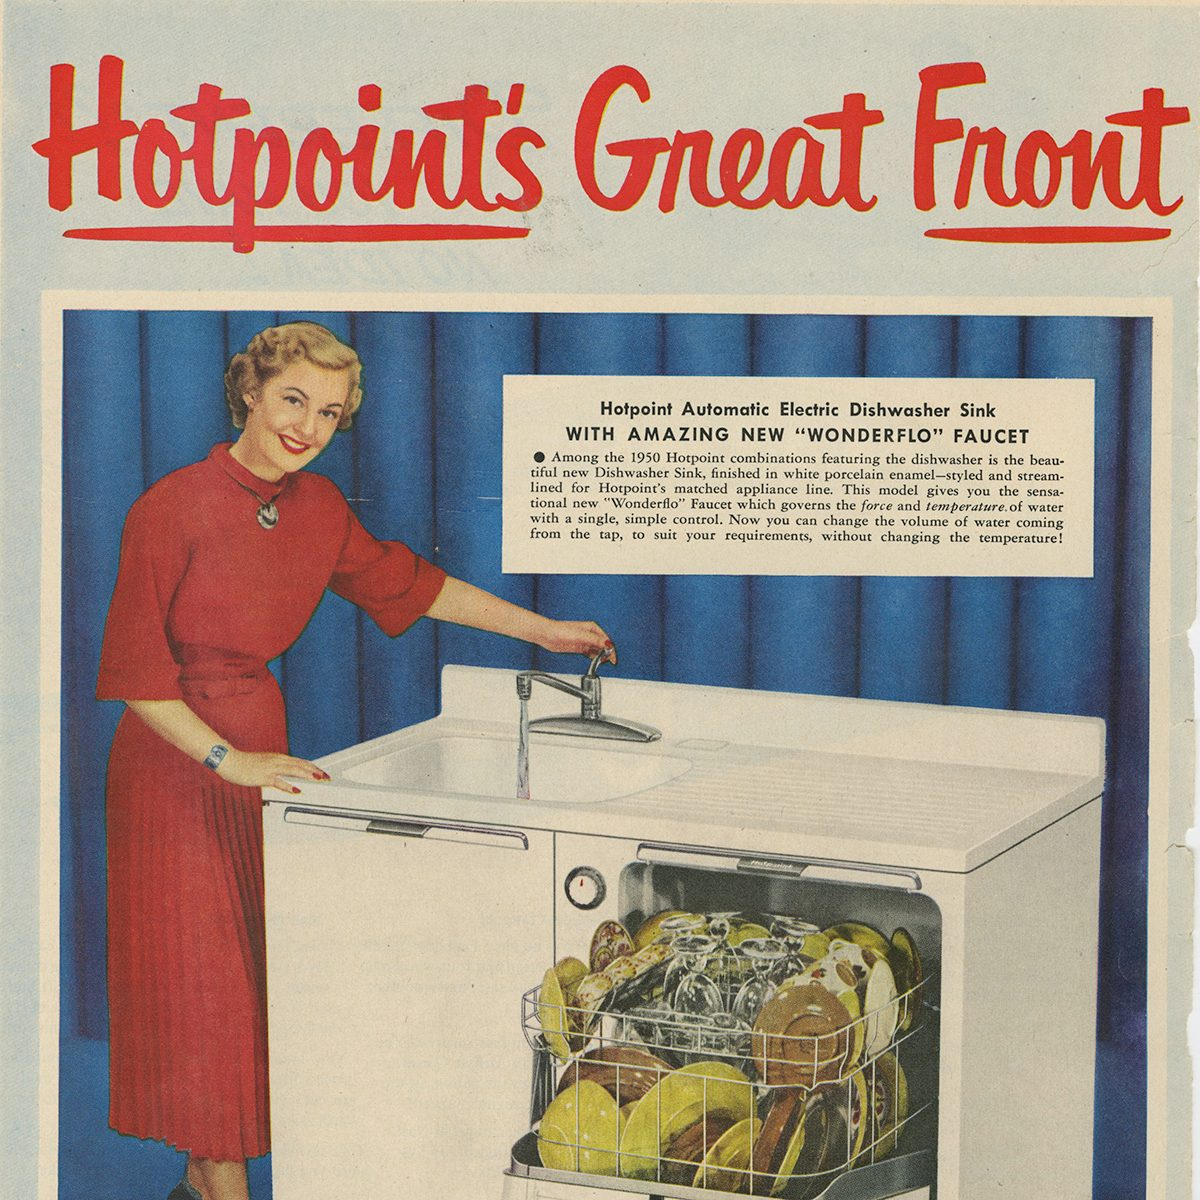 Hotpoint Dishwasher Sink ad